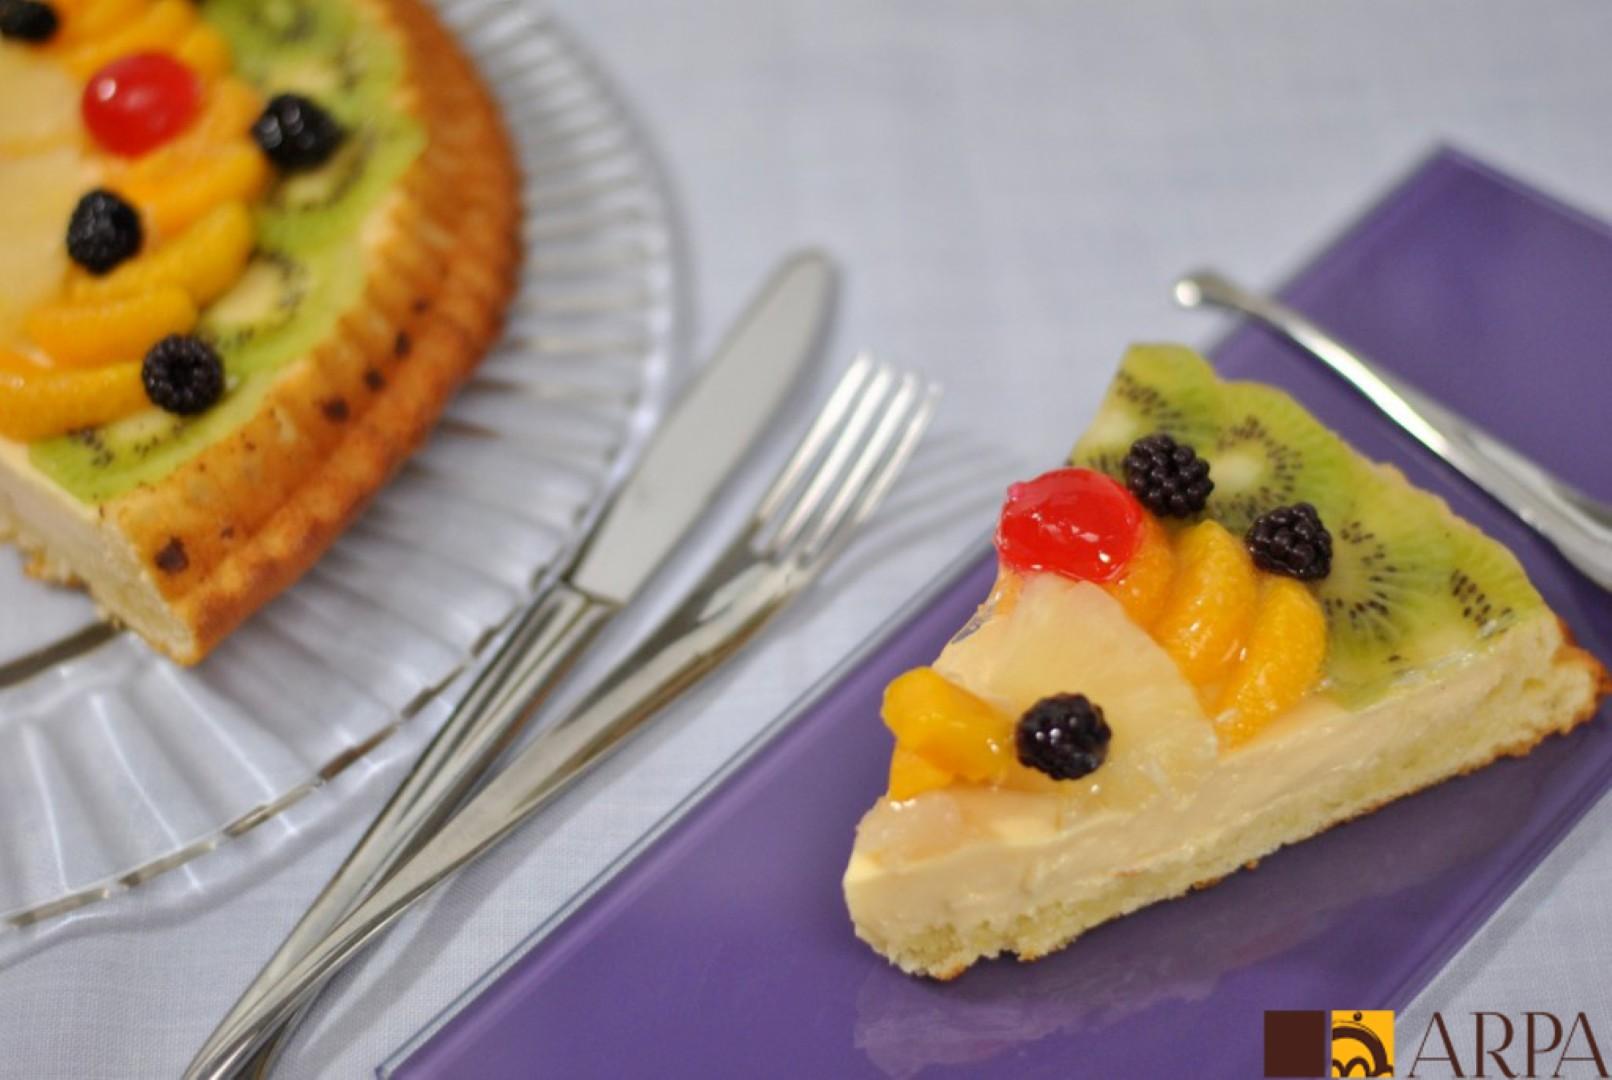 Tarta de frutas variadas en base de bizcocho rellena de crema pastelera